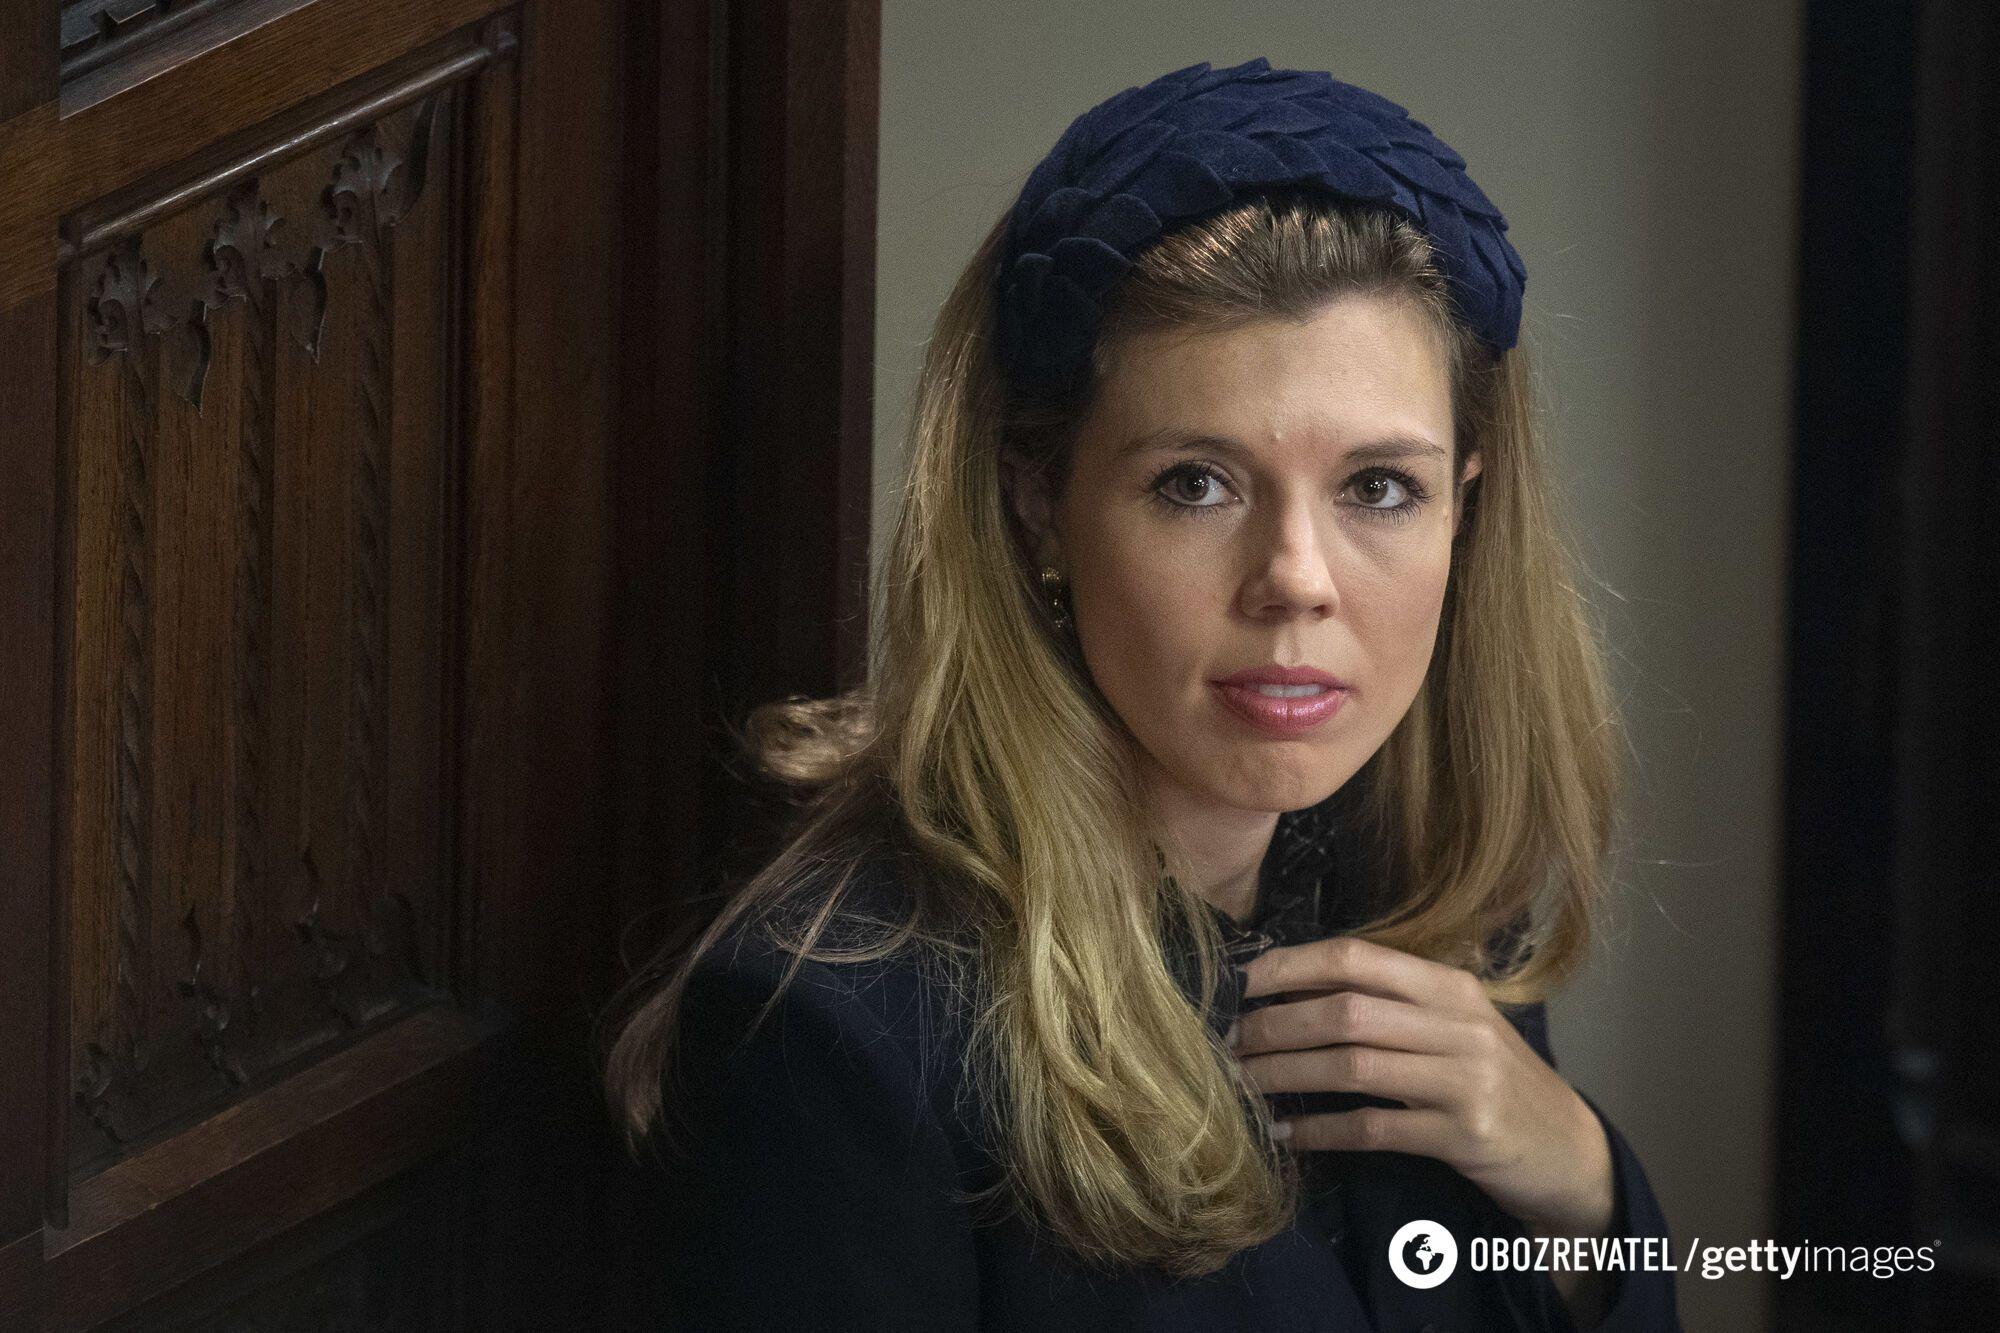 Кэрри Саймондс работала у министра внутренних дел Саджида Давида